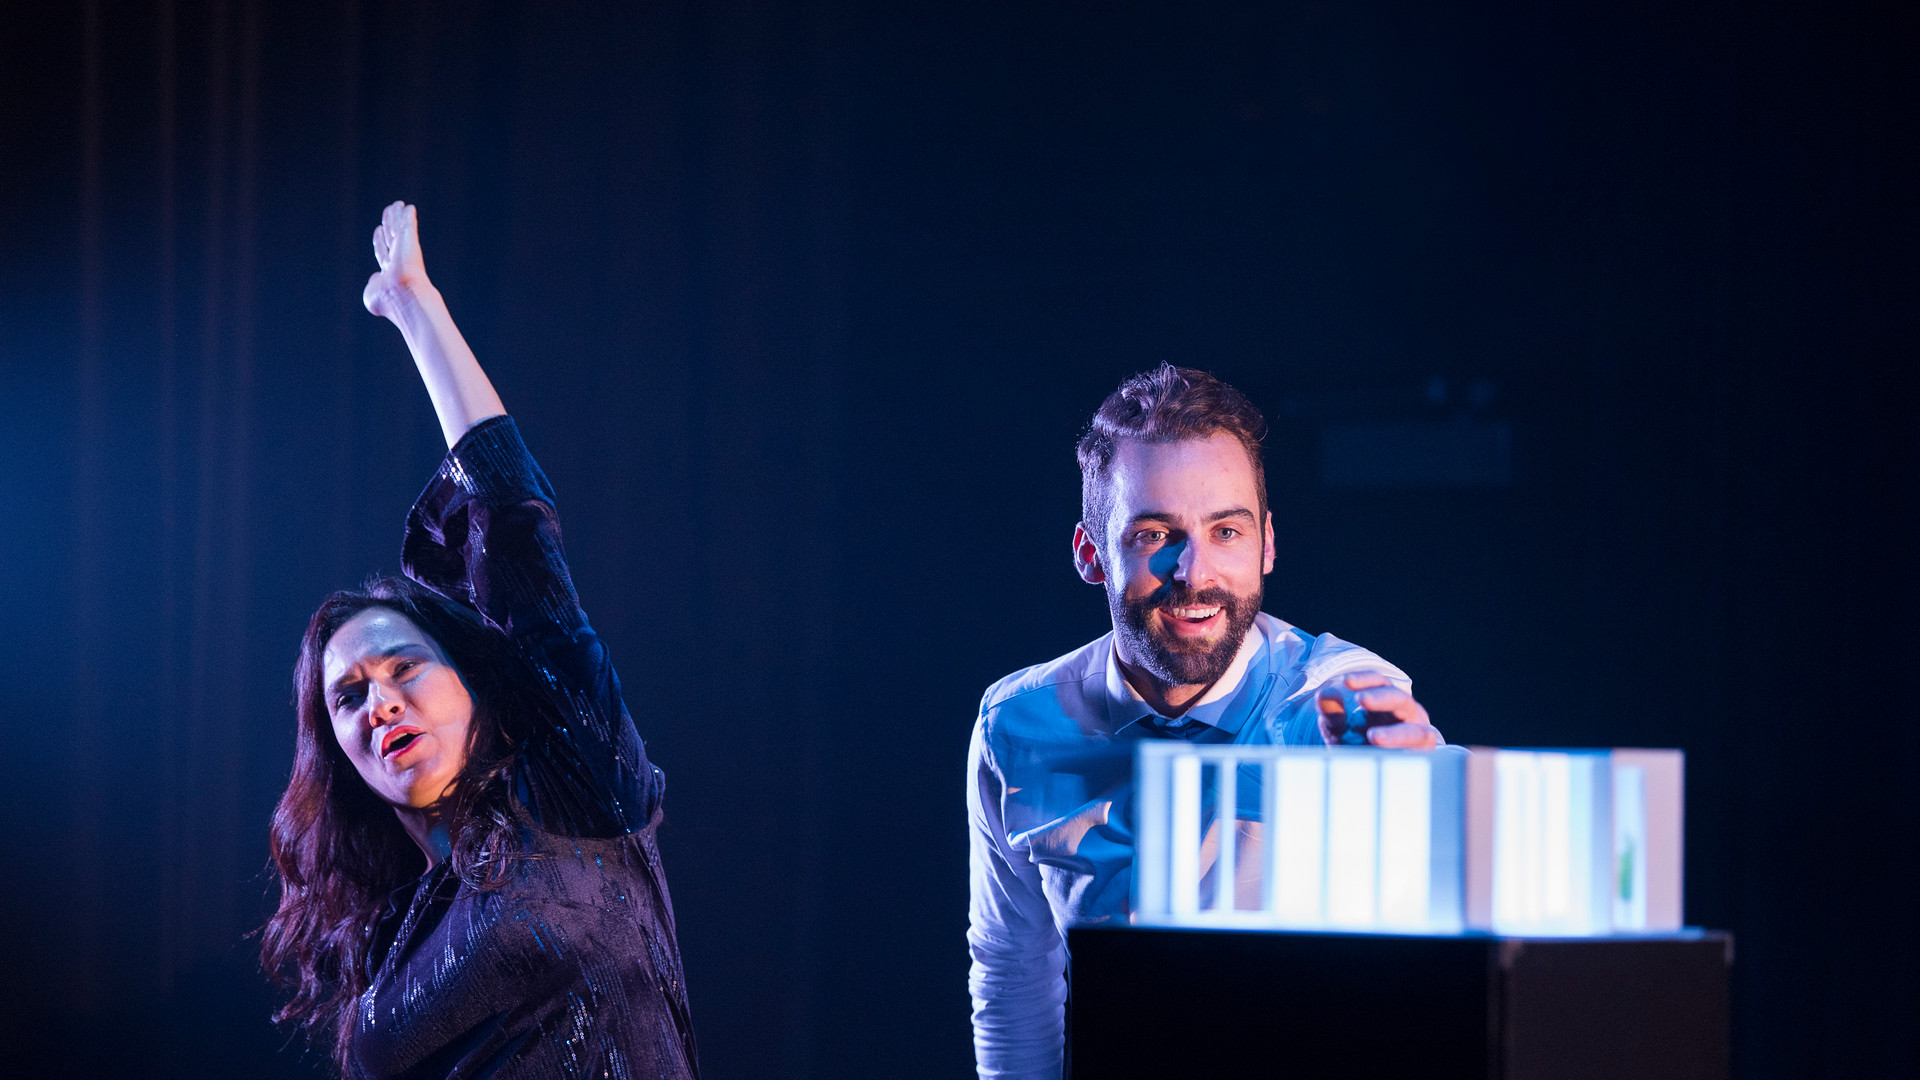 Unité Modèle - with Émilie Leclerc